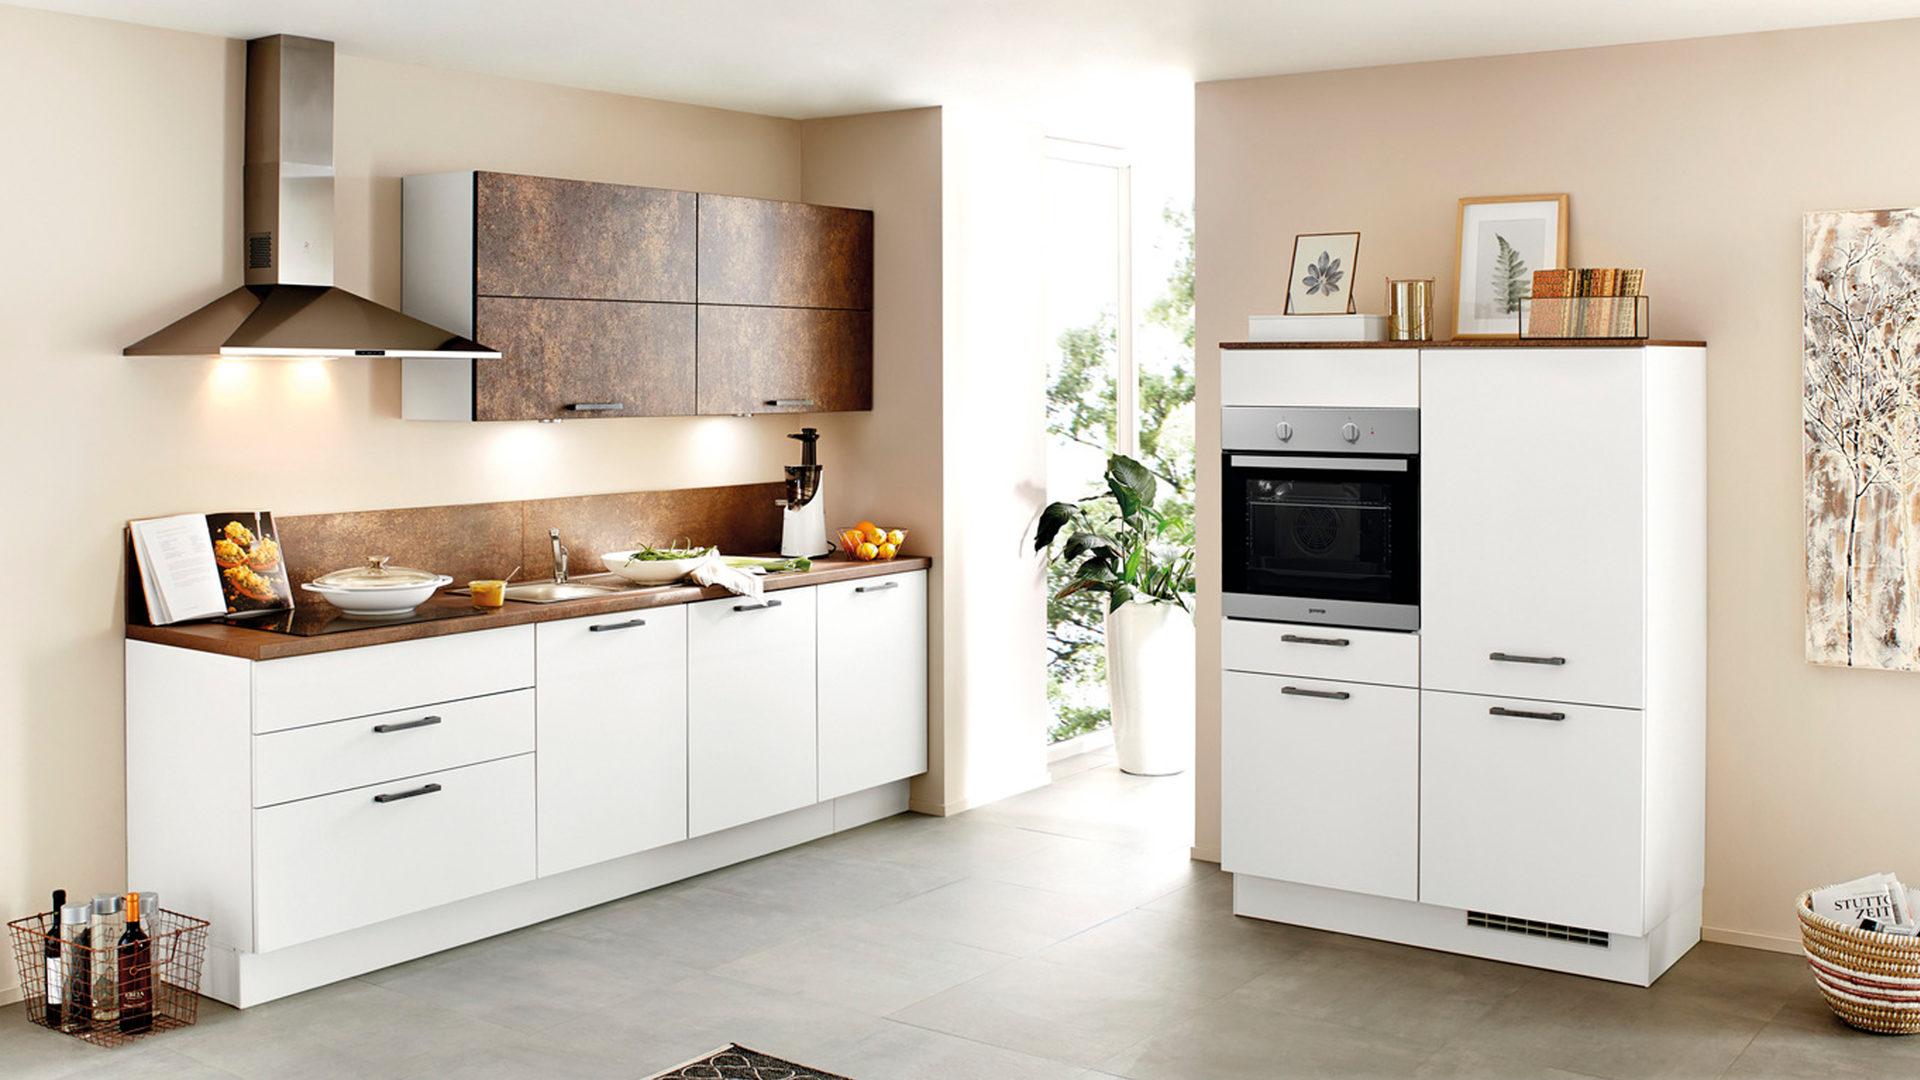 Outdoorküche Mit Kühlschrank Blau : Kühlschrank outdoor küche küche blau weiß kleine esstische für